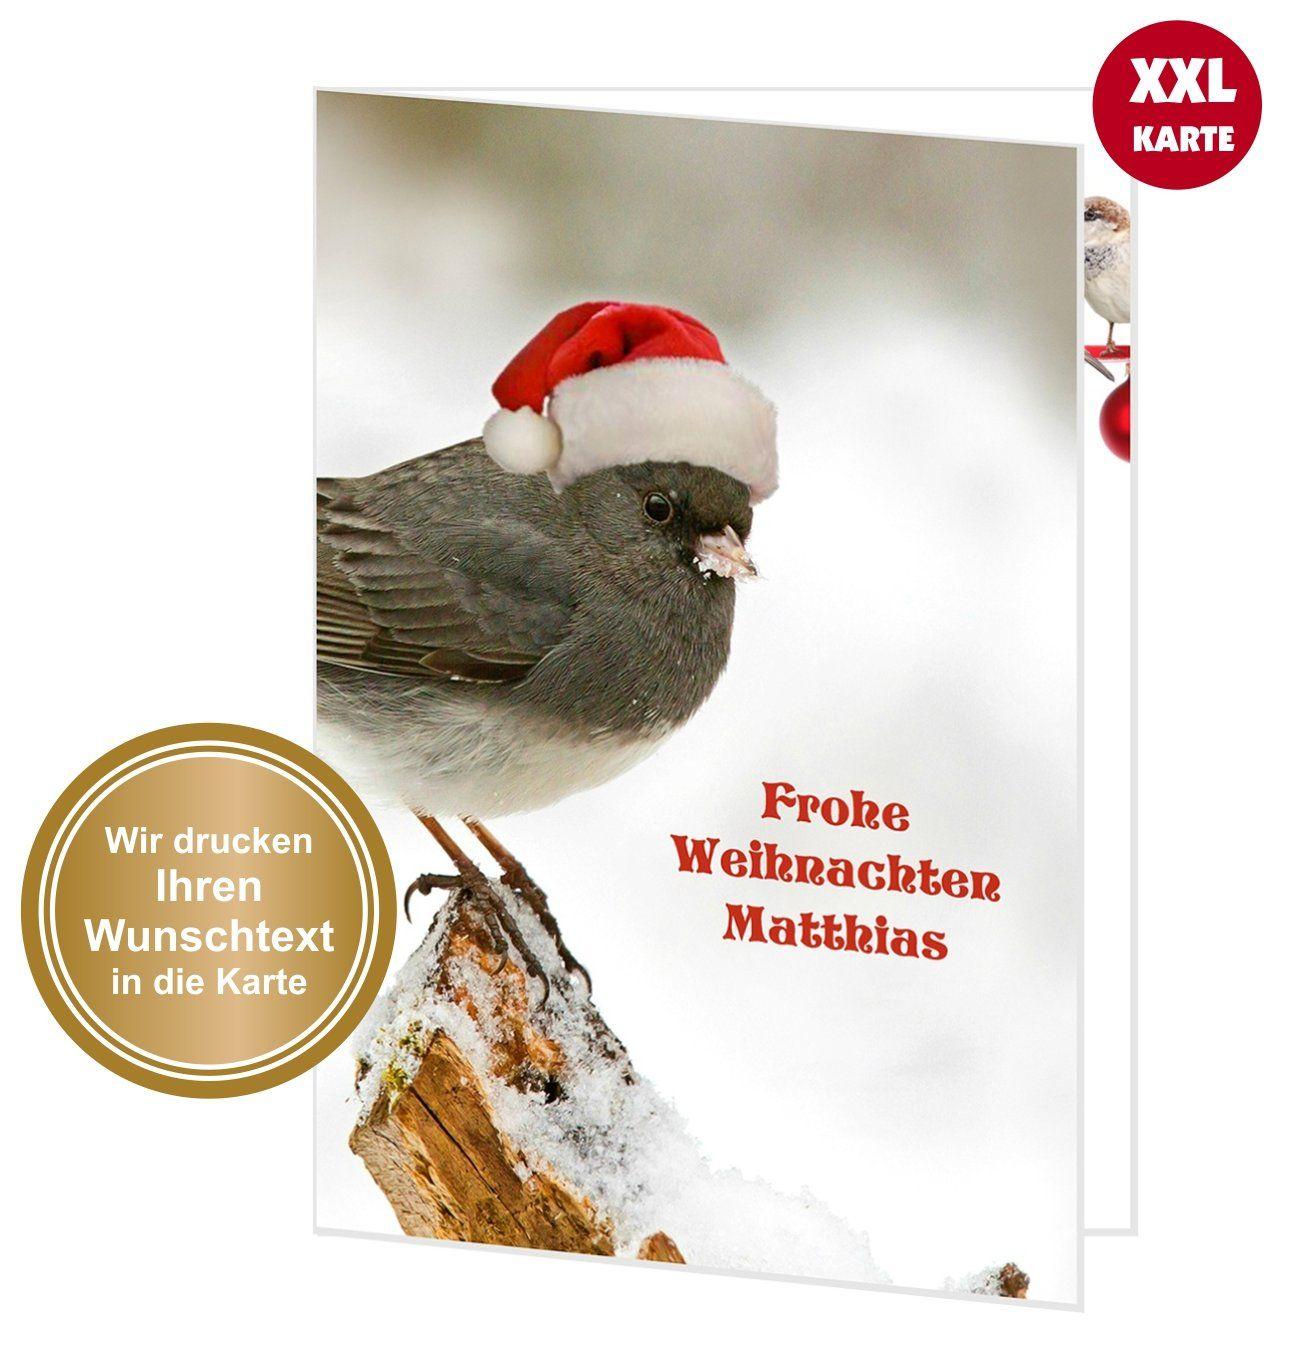 XXL Weihnachtskarte süßer Weihnachtsvogel  Weihnachtskarten